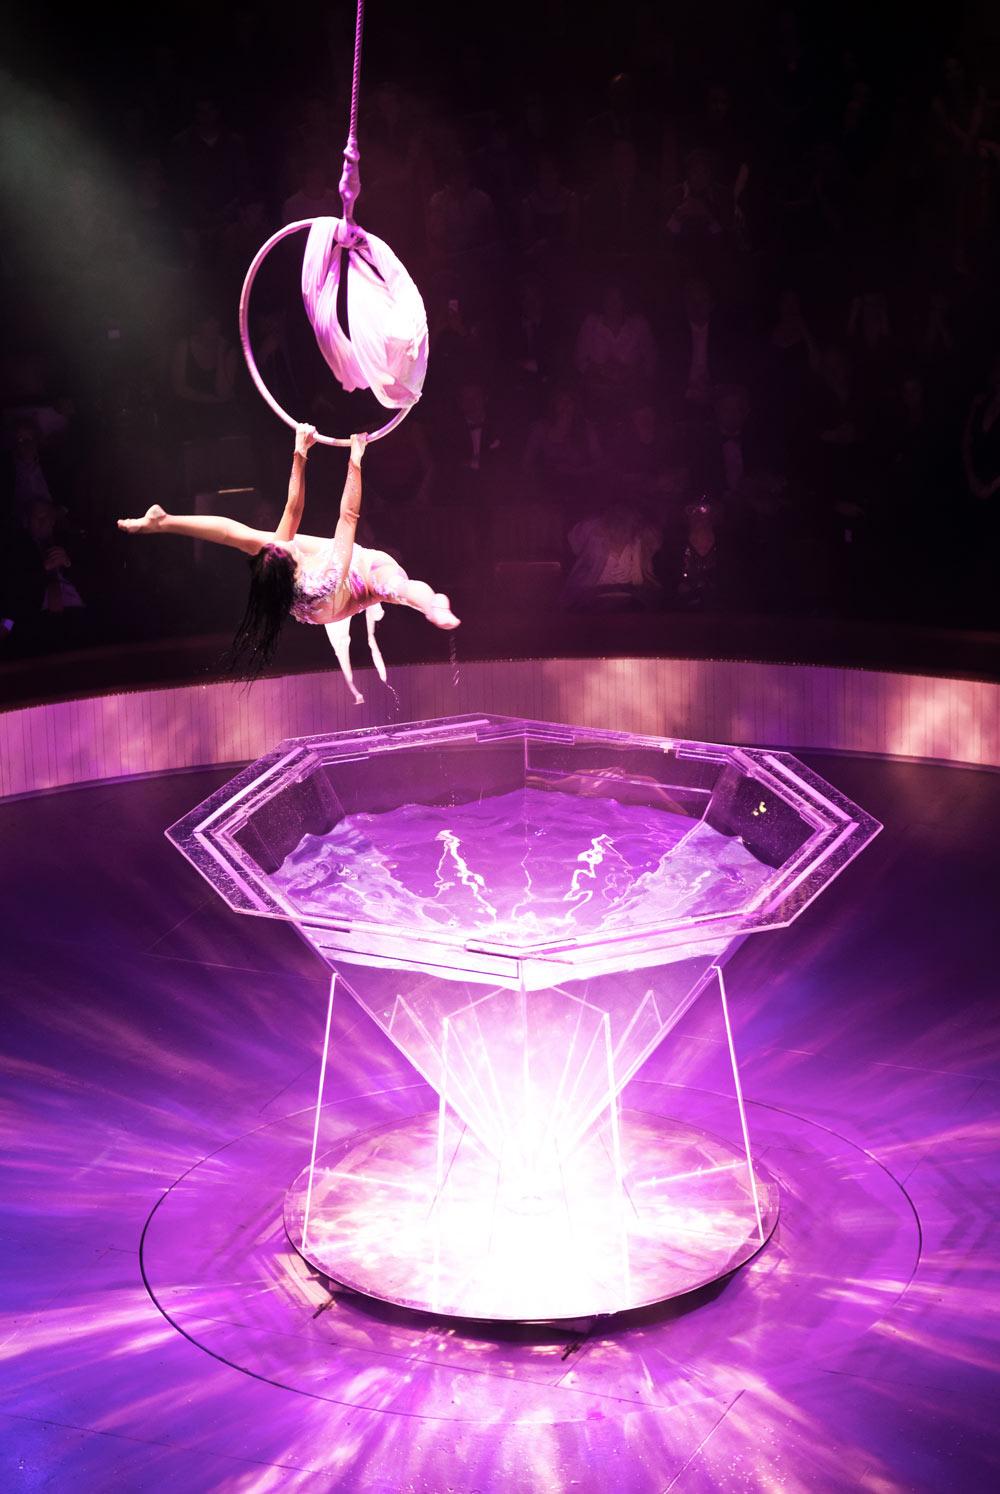 Gala de l' Union 2010 - Sofia Essaidi, Cirque Bouglione